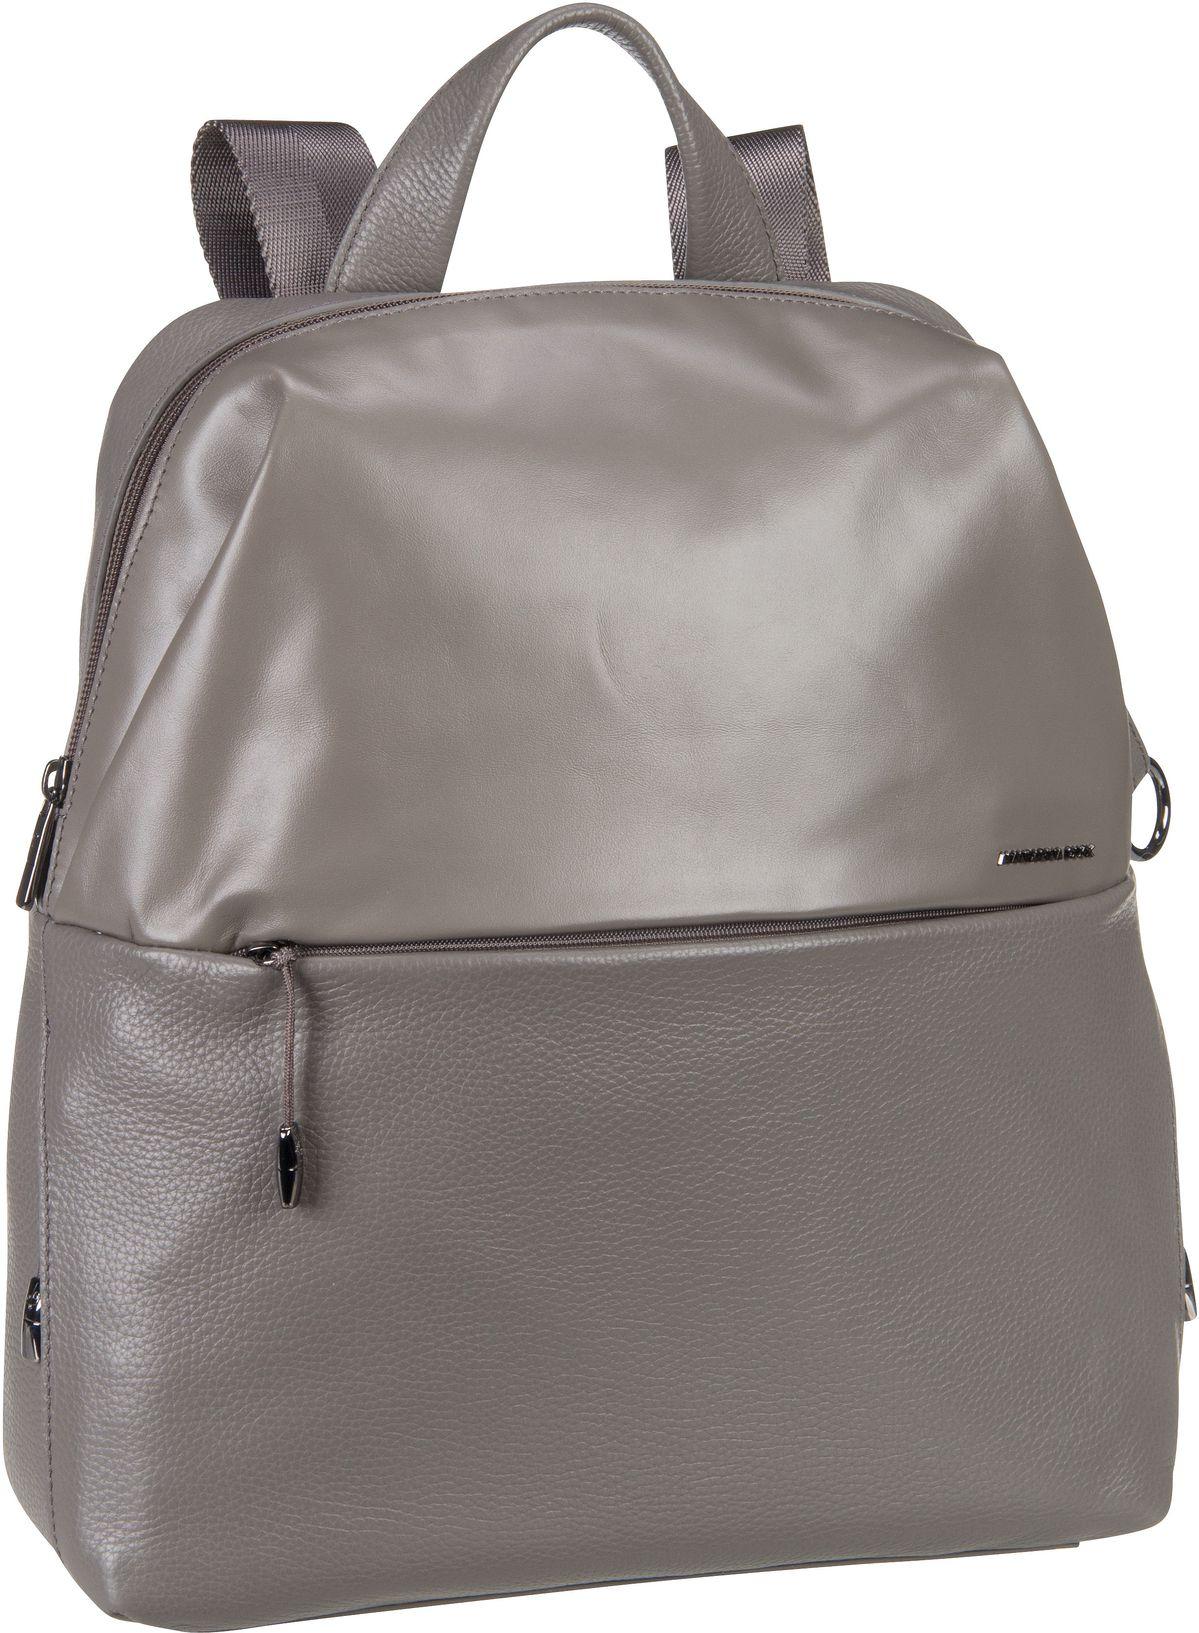 Rucksack / Daypack Athena Backpack UPT10 Soldier